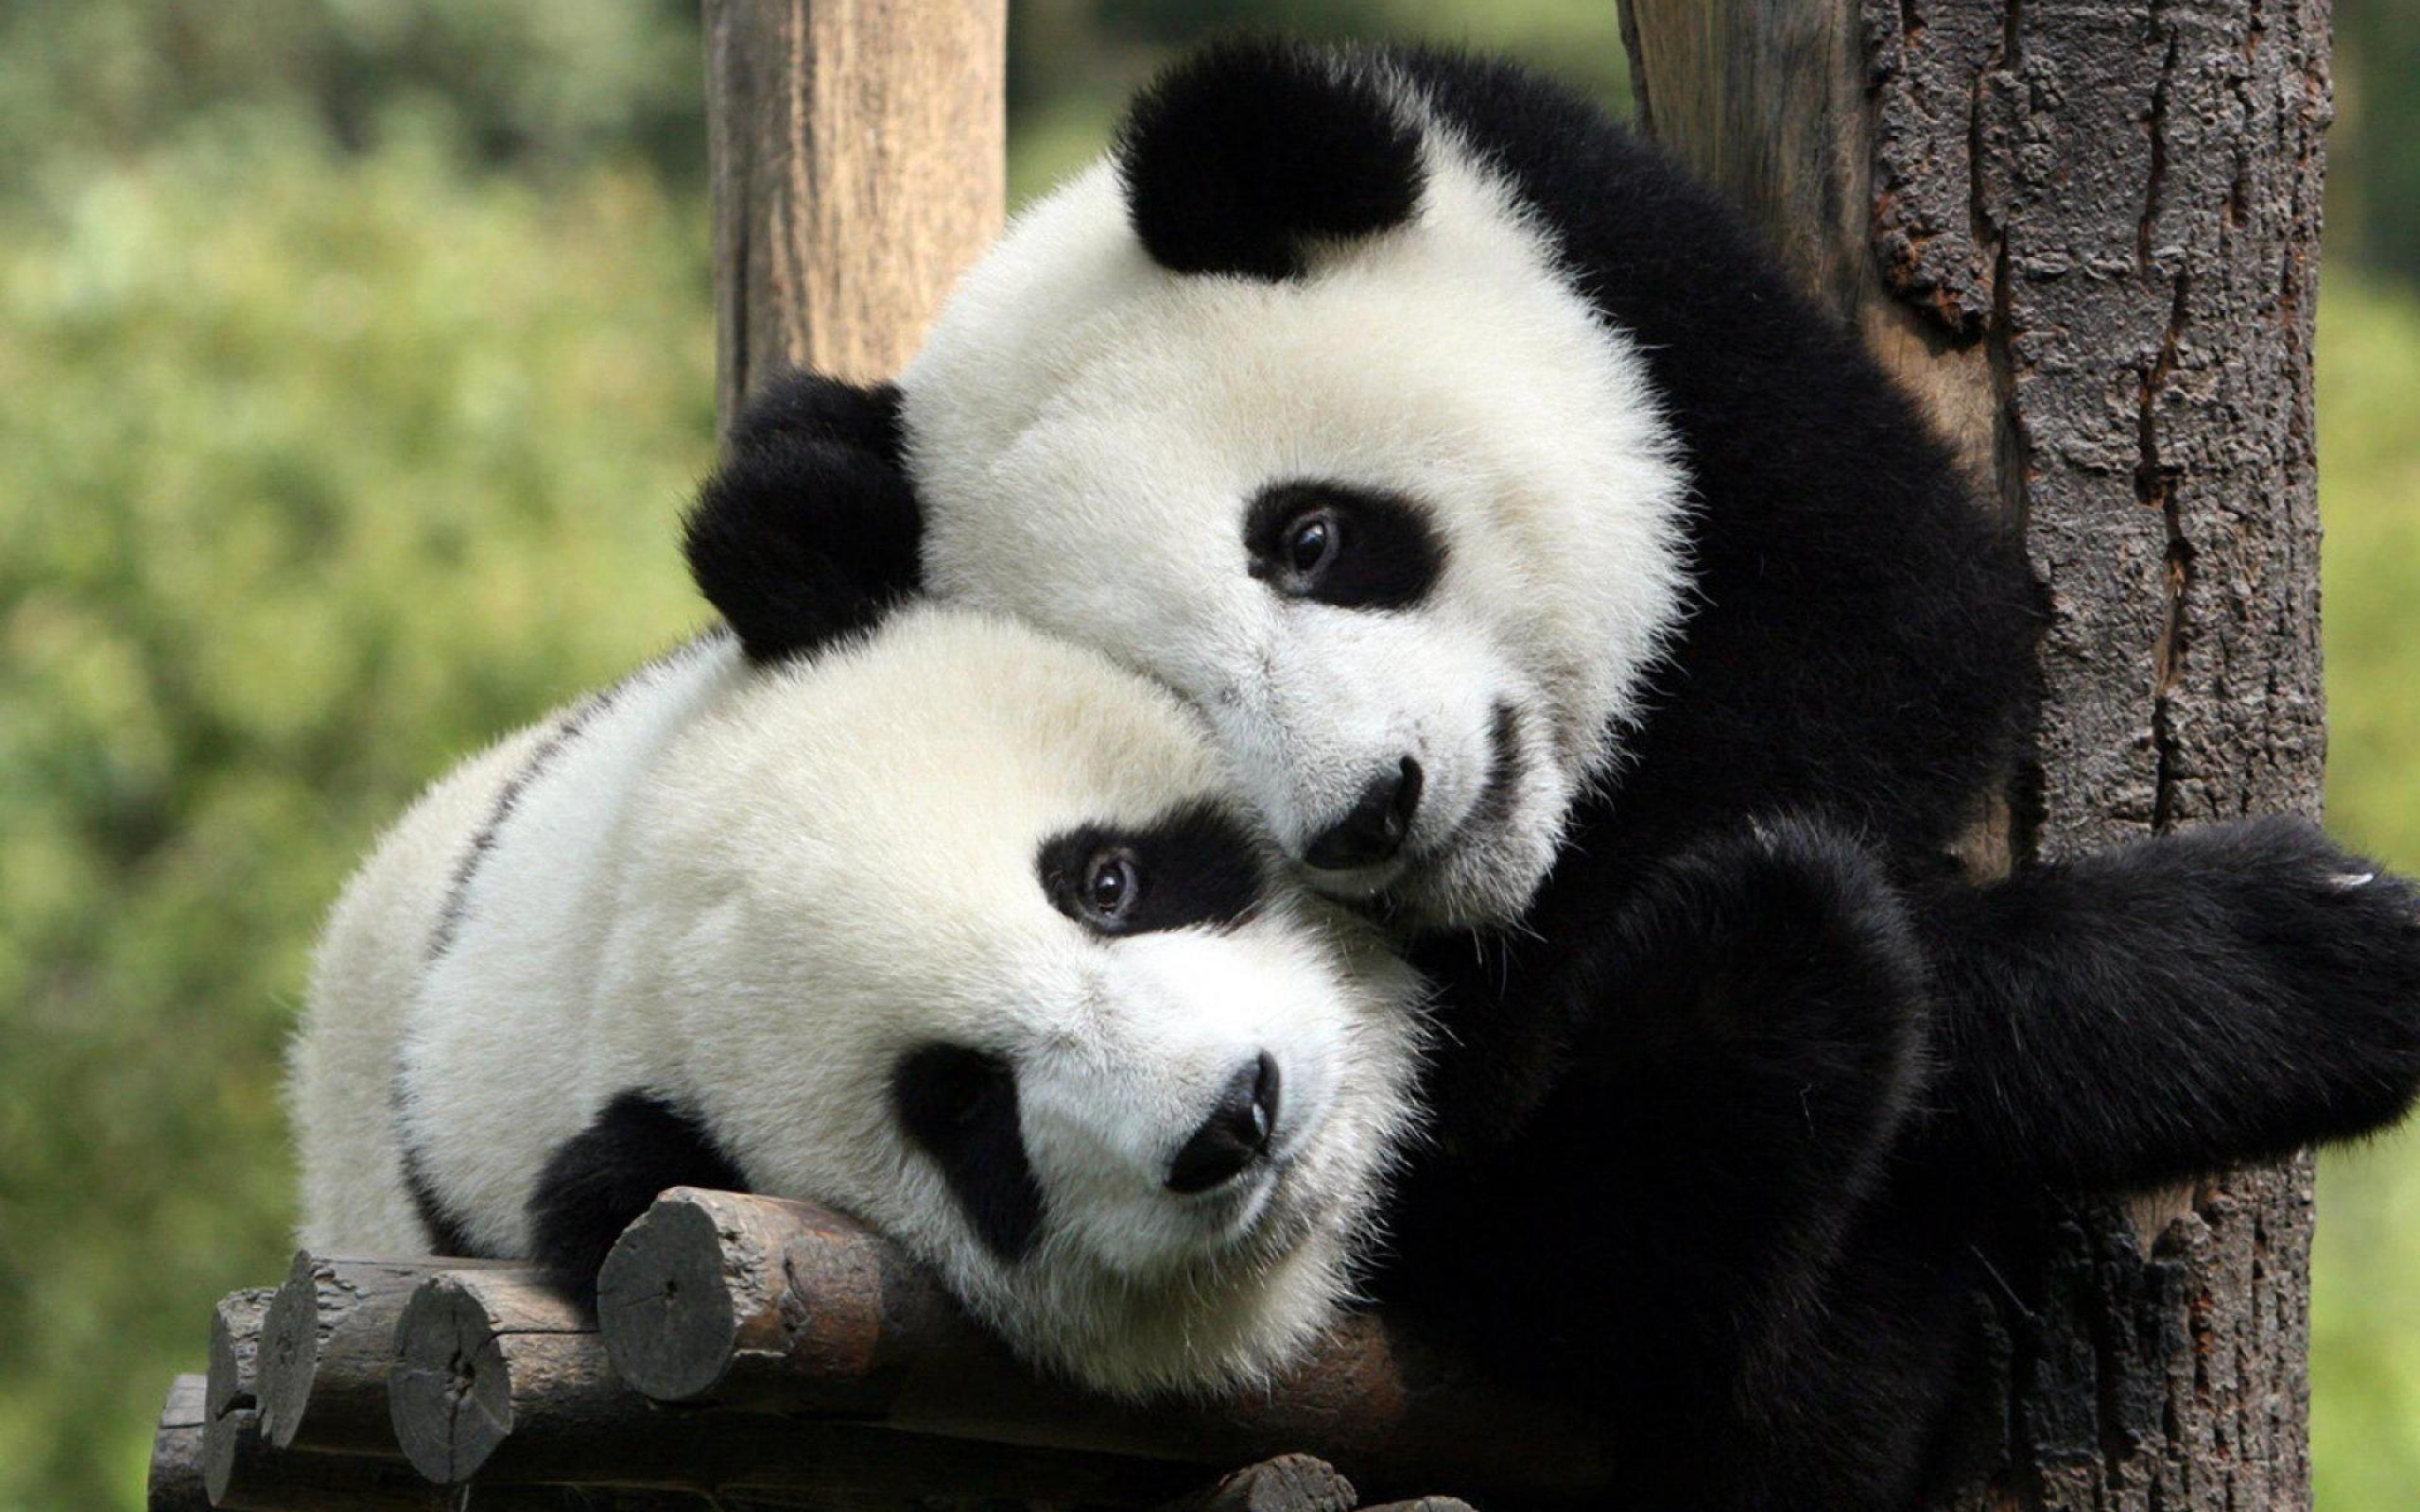 Ojos pandas hermosos - 2560x1600